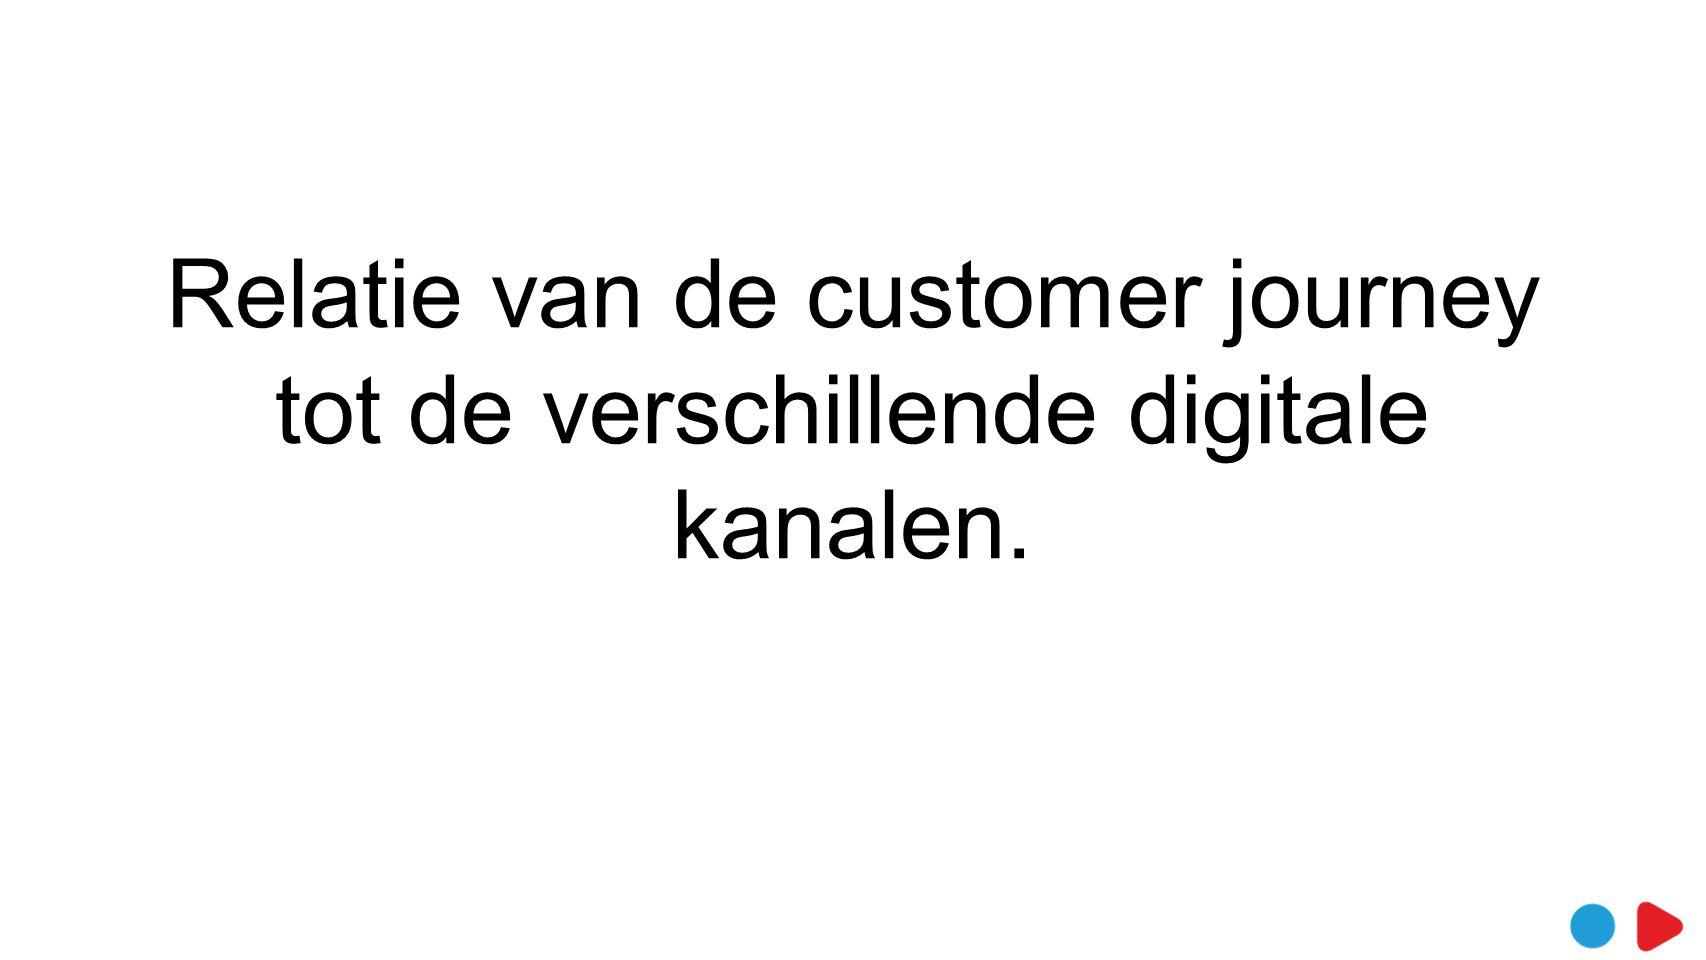 Relatie van de customer journey tot de verschillende digitale kanalen.